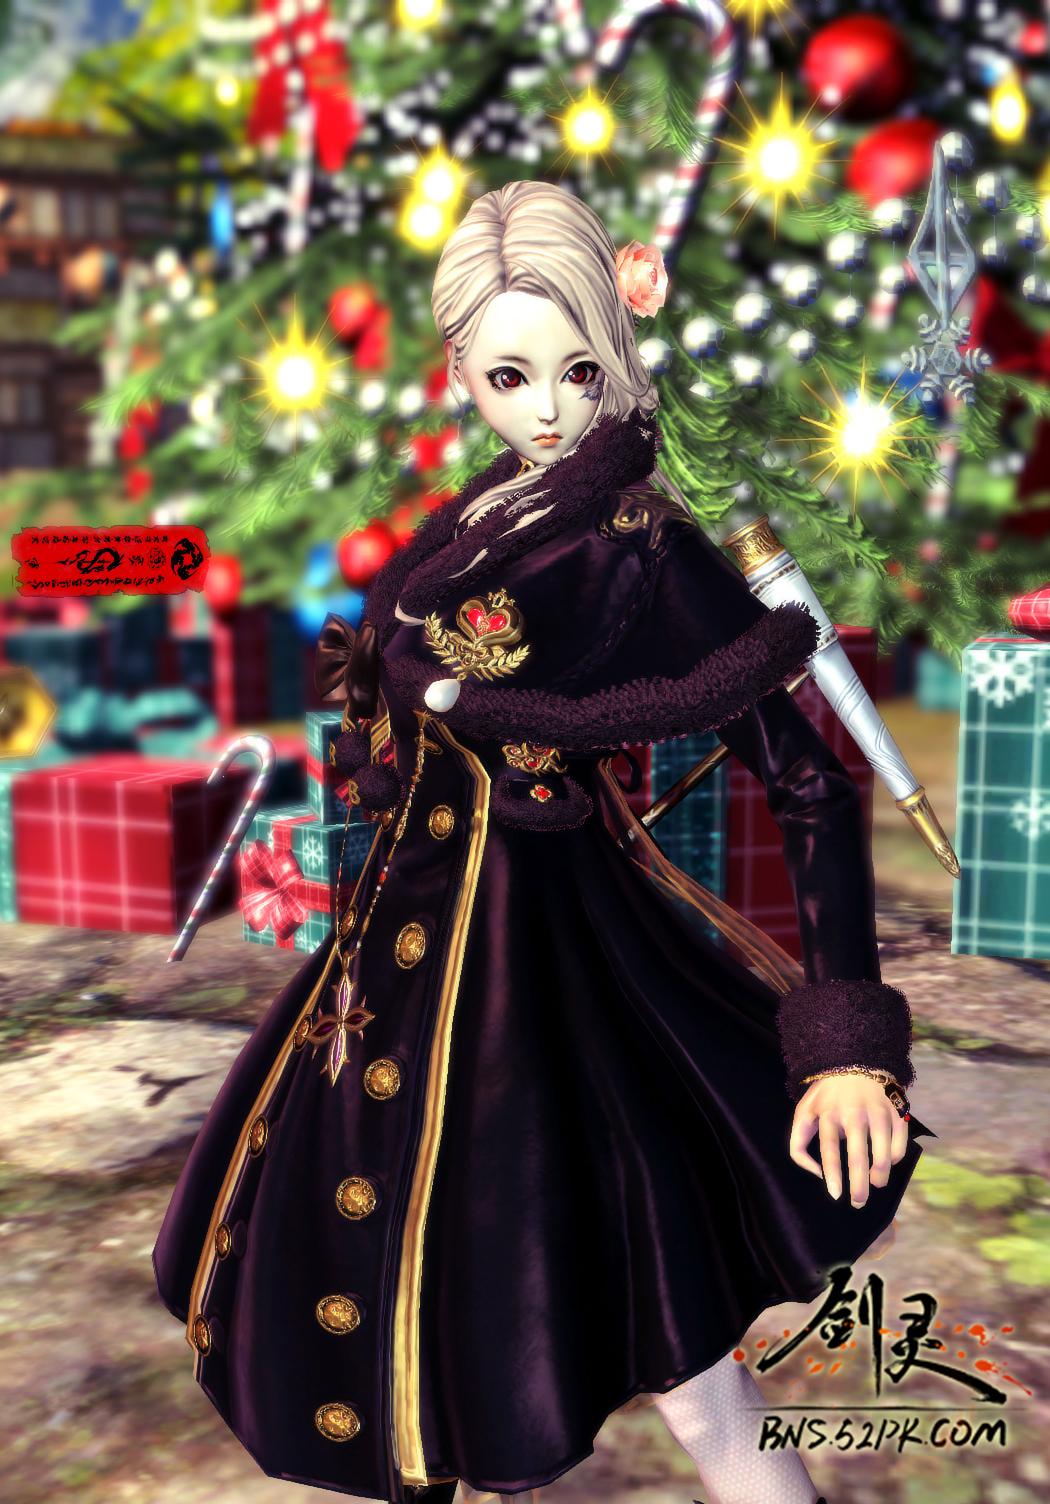 冬日新时装咒术师登场 玩转圣诞服装秀